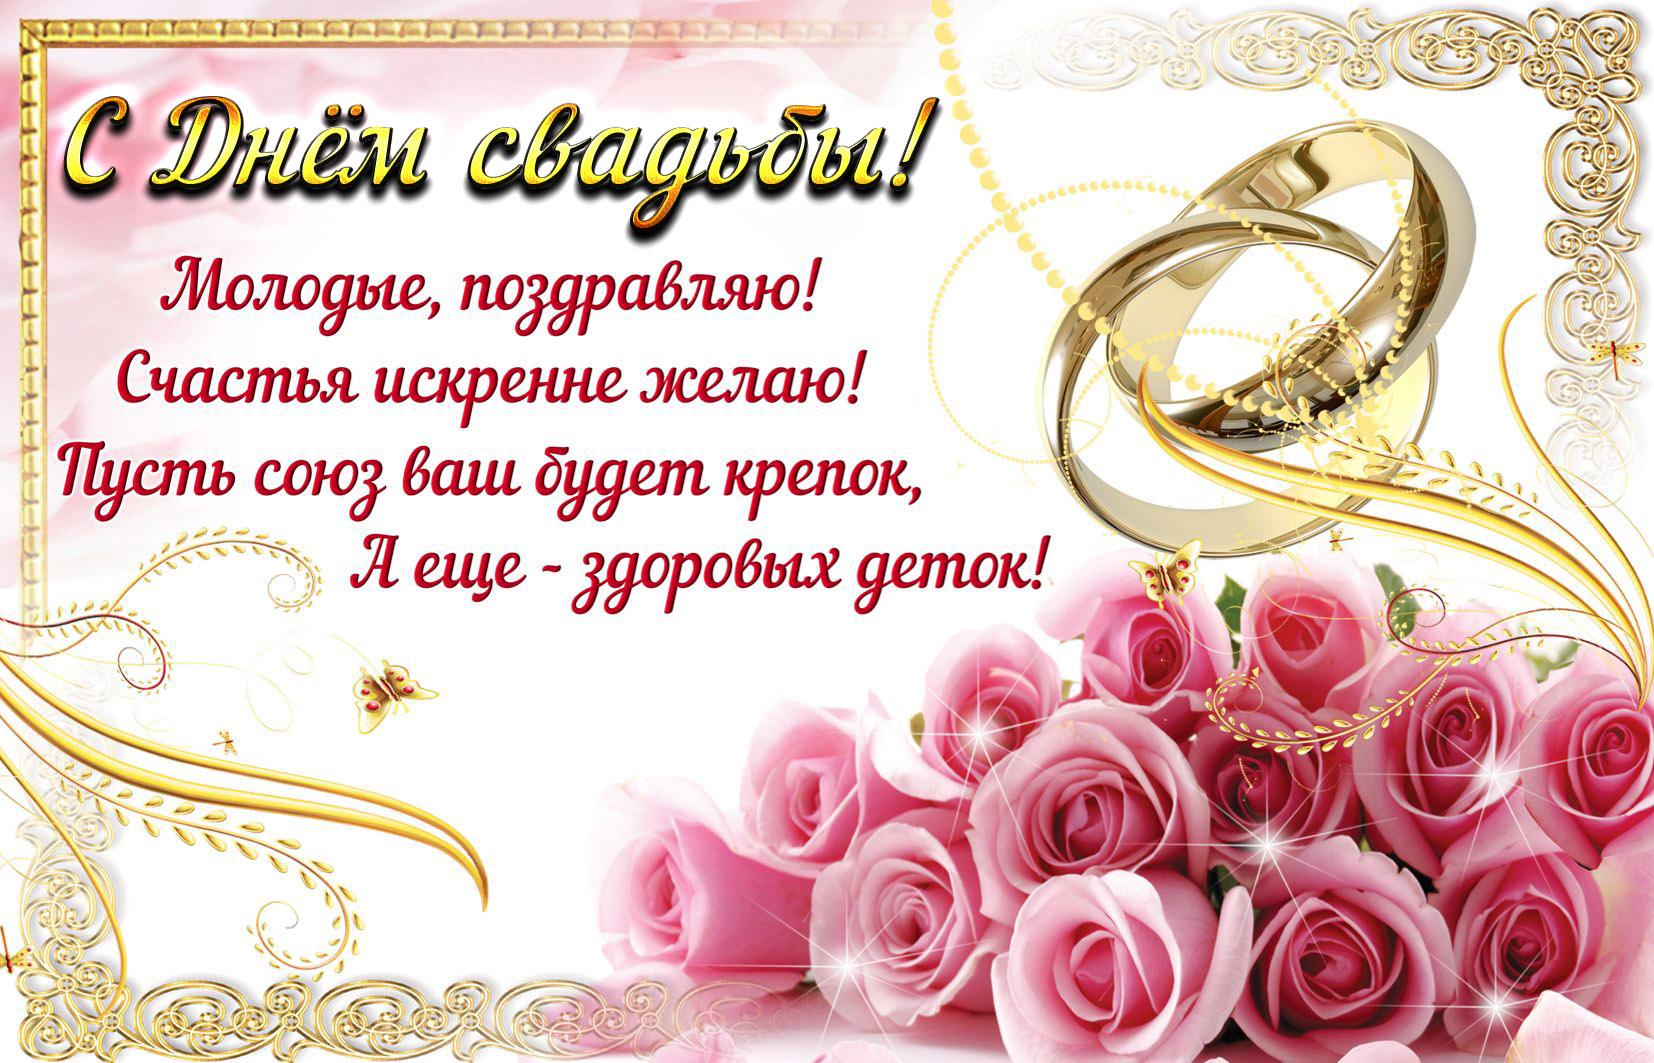 Текст поздравления открытки на свадьбу, личку лет совместной